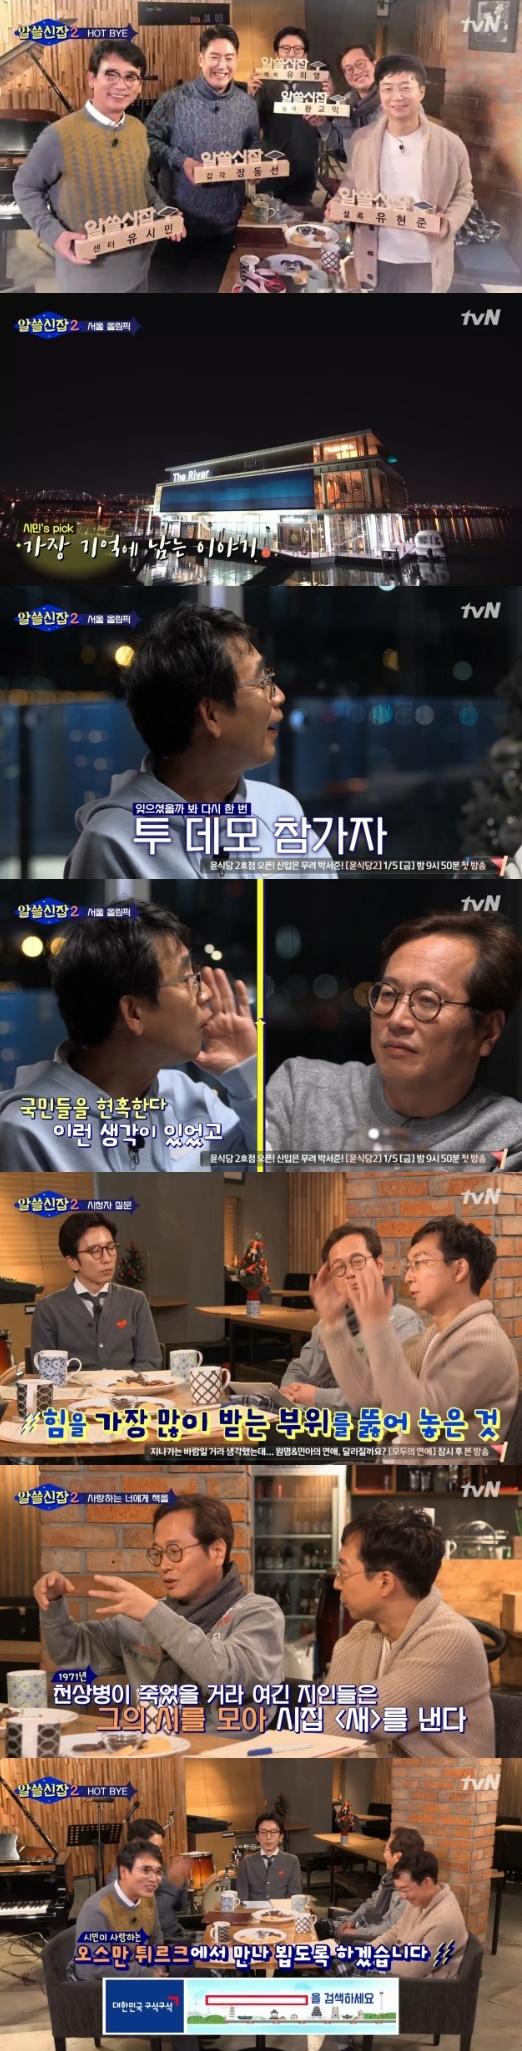 [전일야화] '알쓸신잡2' 시즌3 간절하게 만든 마지막회